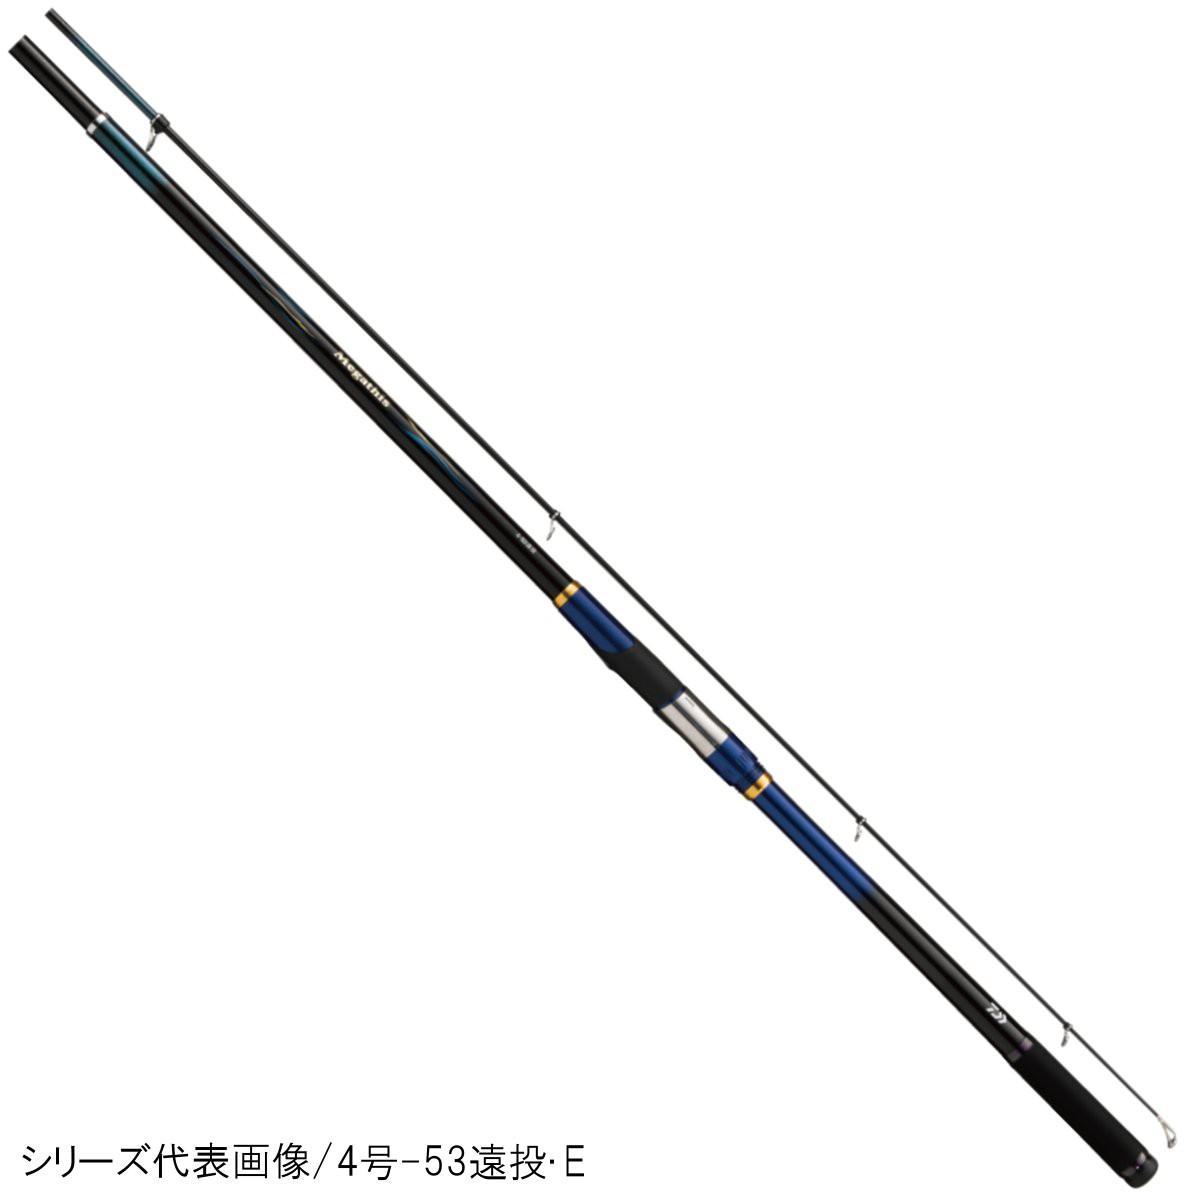 ダイワ メガディス 5号-53遠投・E【送料無料】